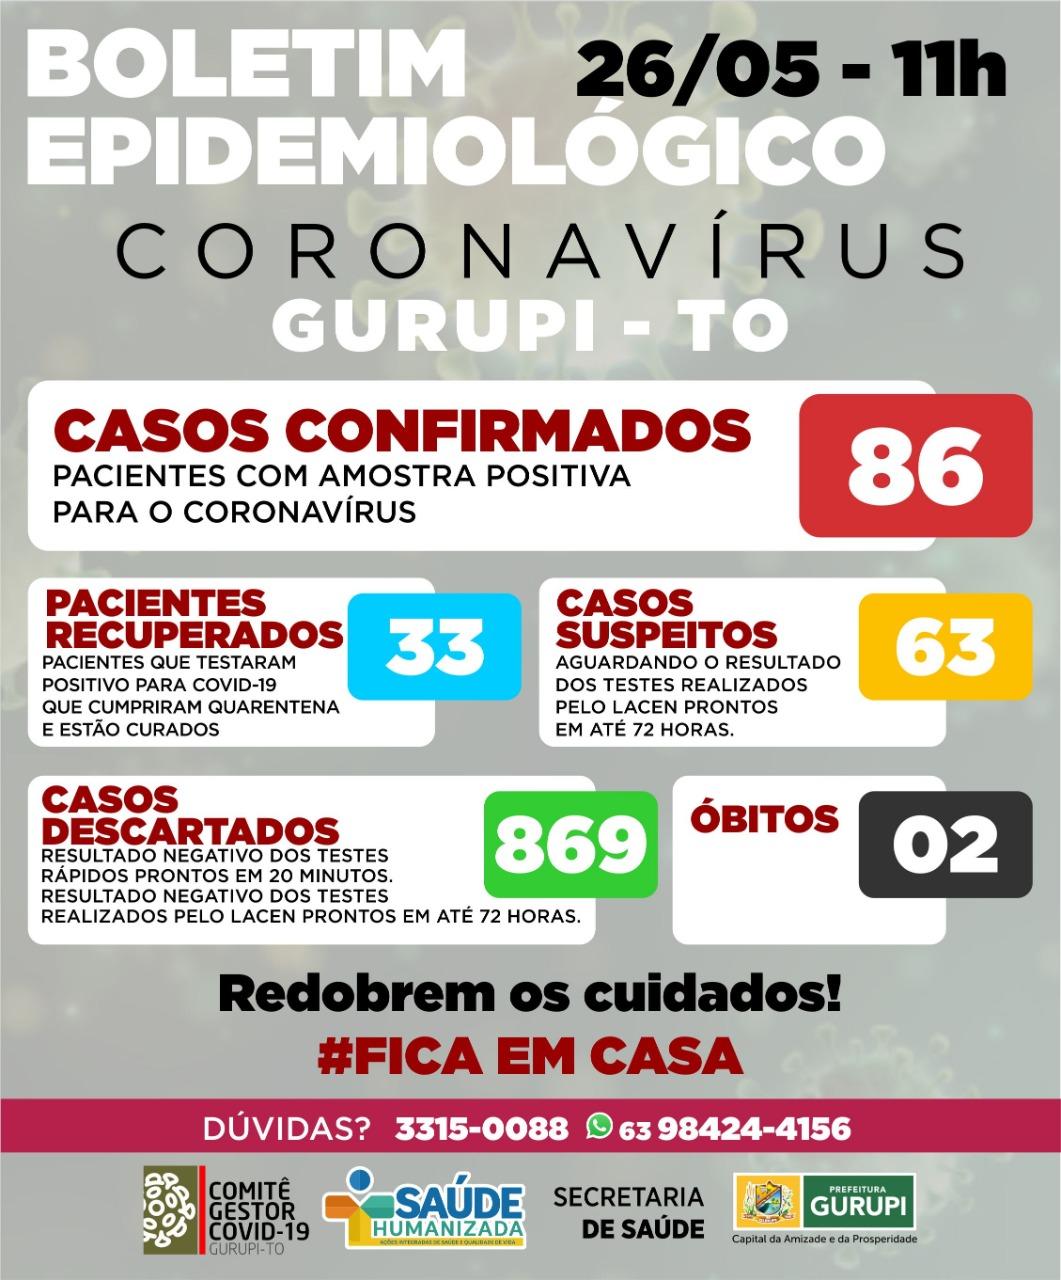 Gurupi confirma 6 novos casos da Covid-19 na cidade, somando 86 registros; confira boletim